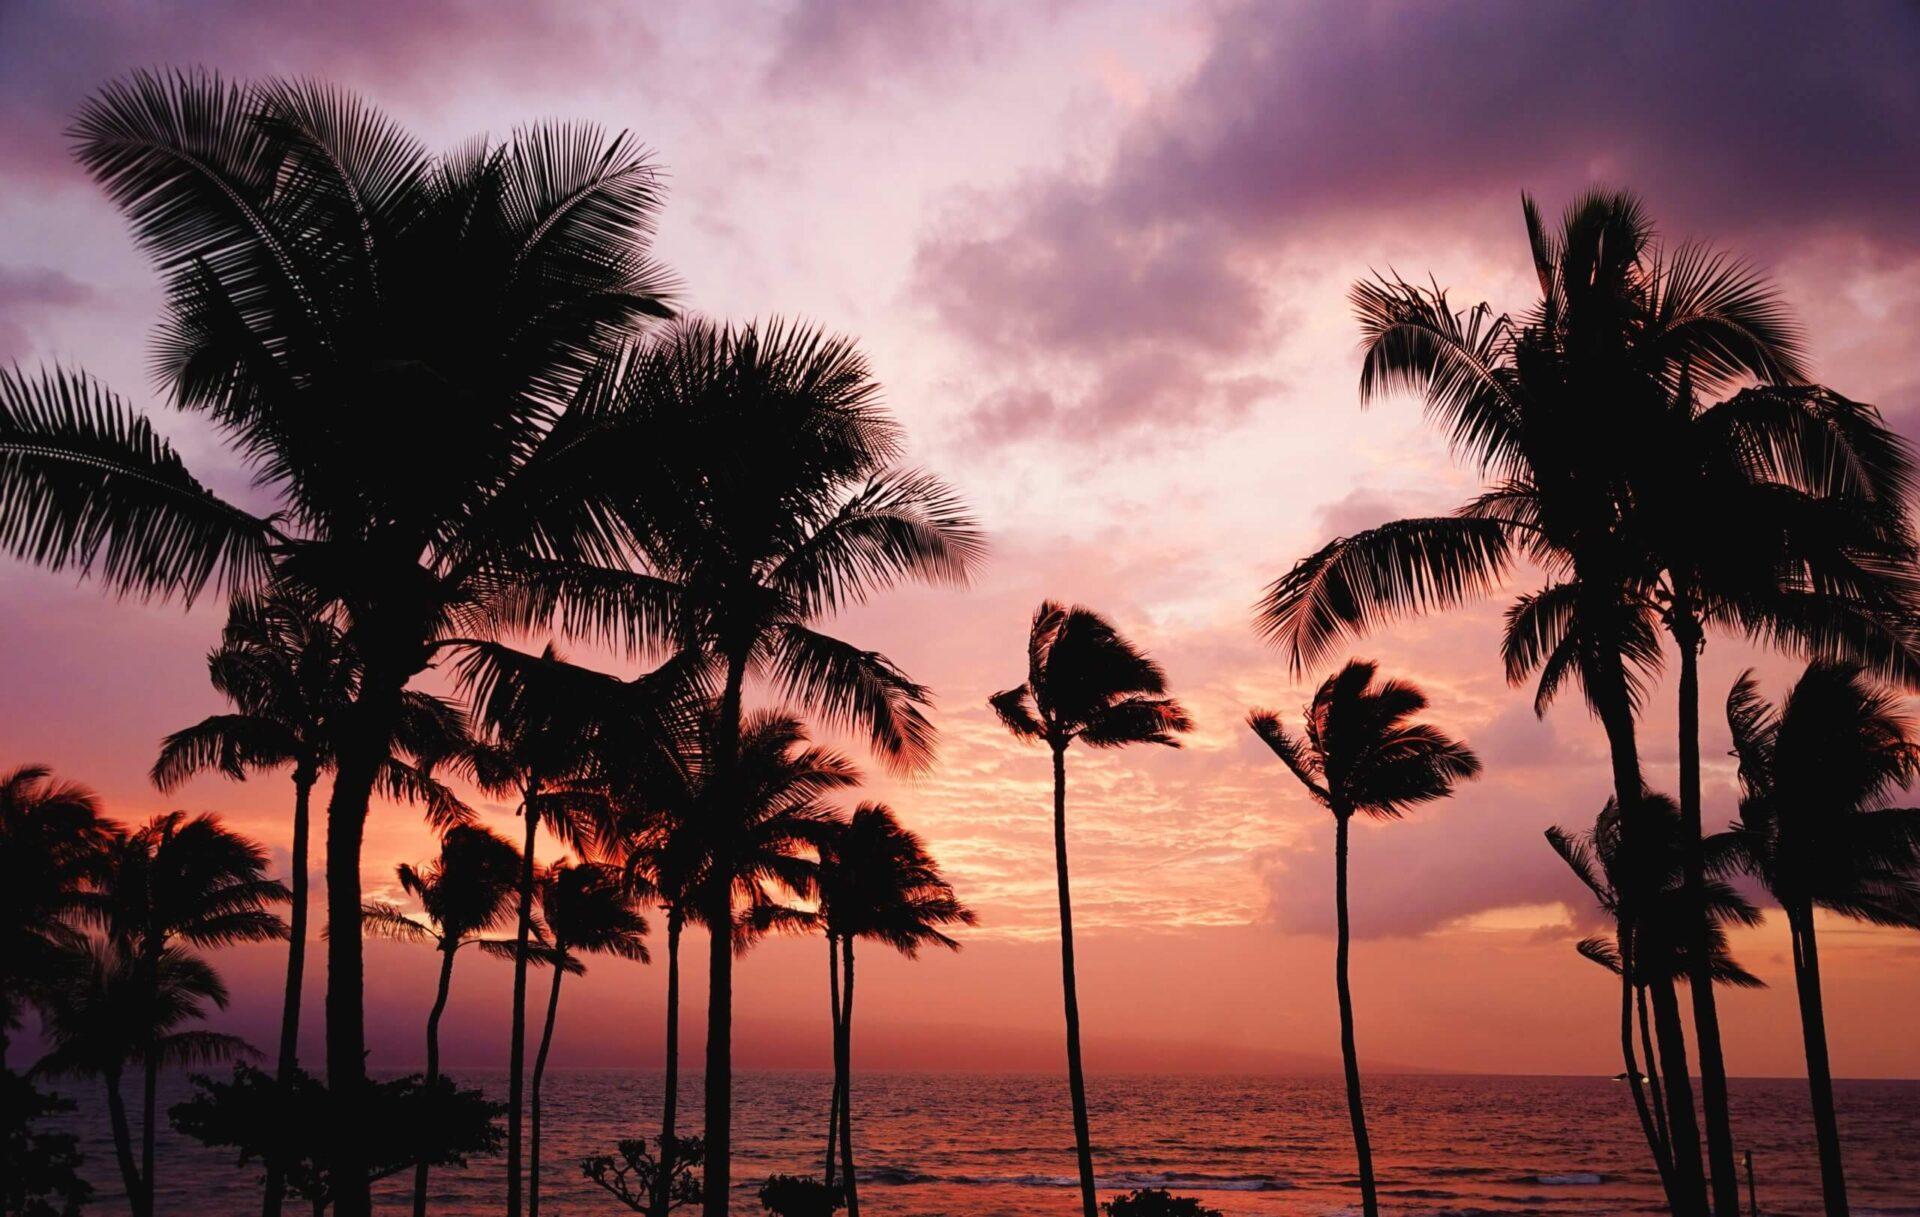 ハワイの夕焼けに映るヤシの木